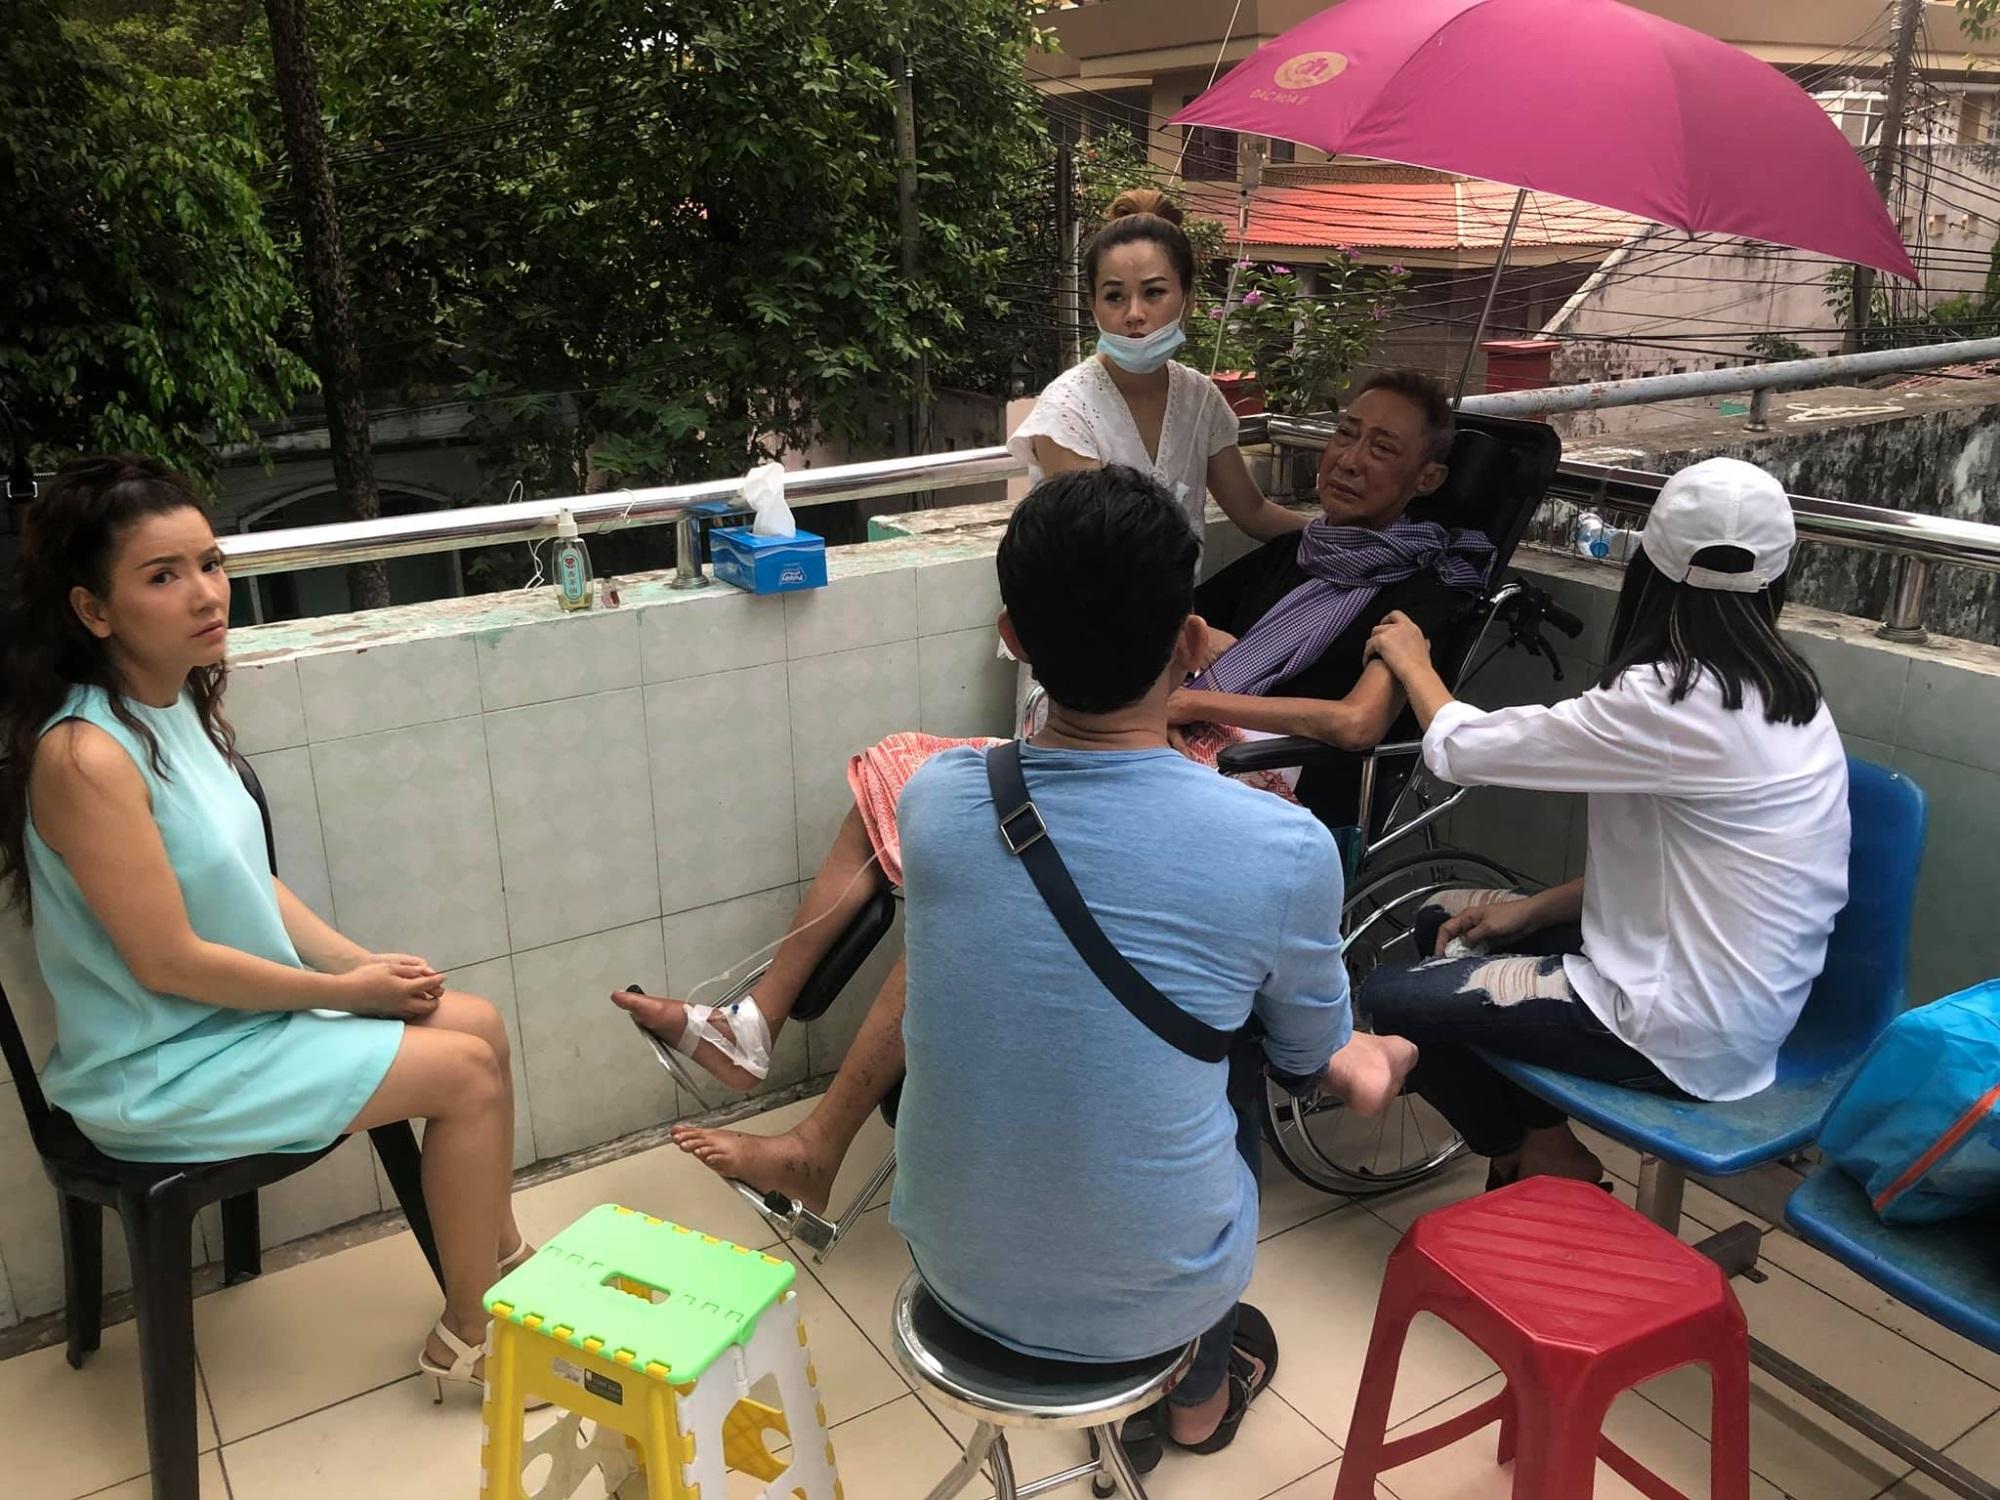 Xót xa với tâm sự đầy nước mắt của nghệ sĩ Lê Bình tại bệnh viện qua lời kể của Cát Phượng - Ảnh 1